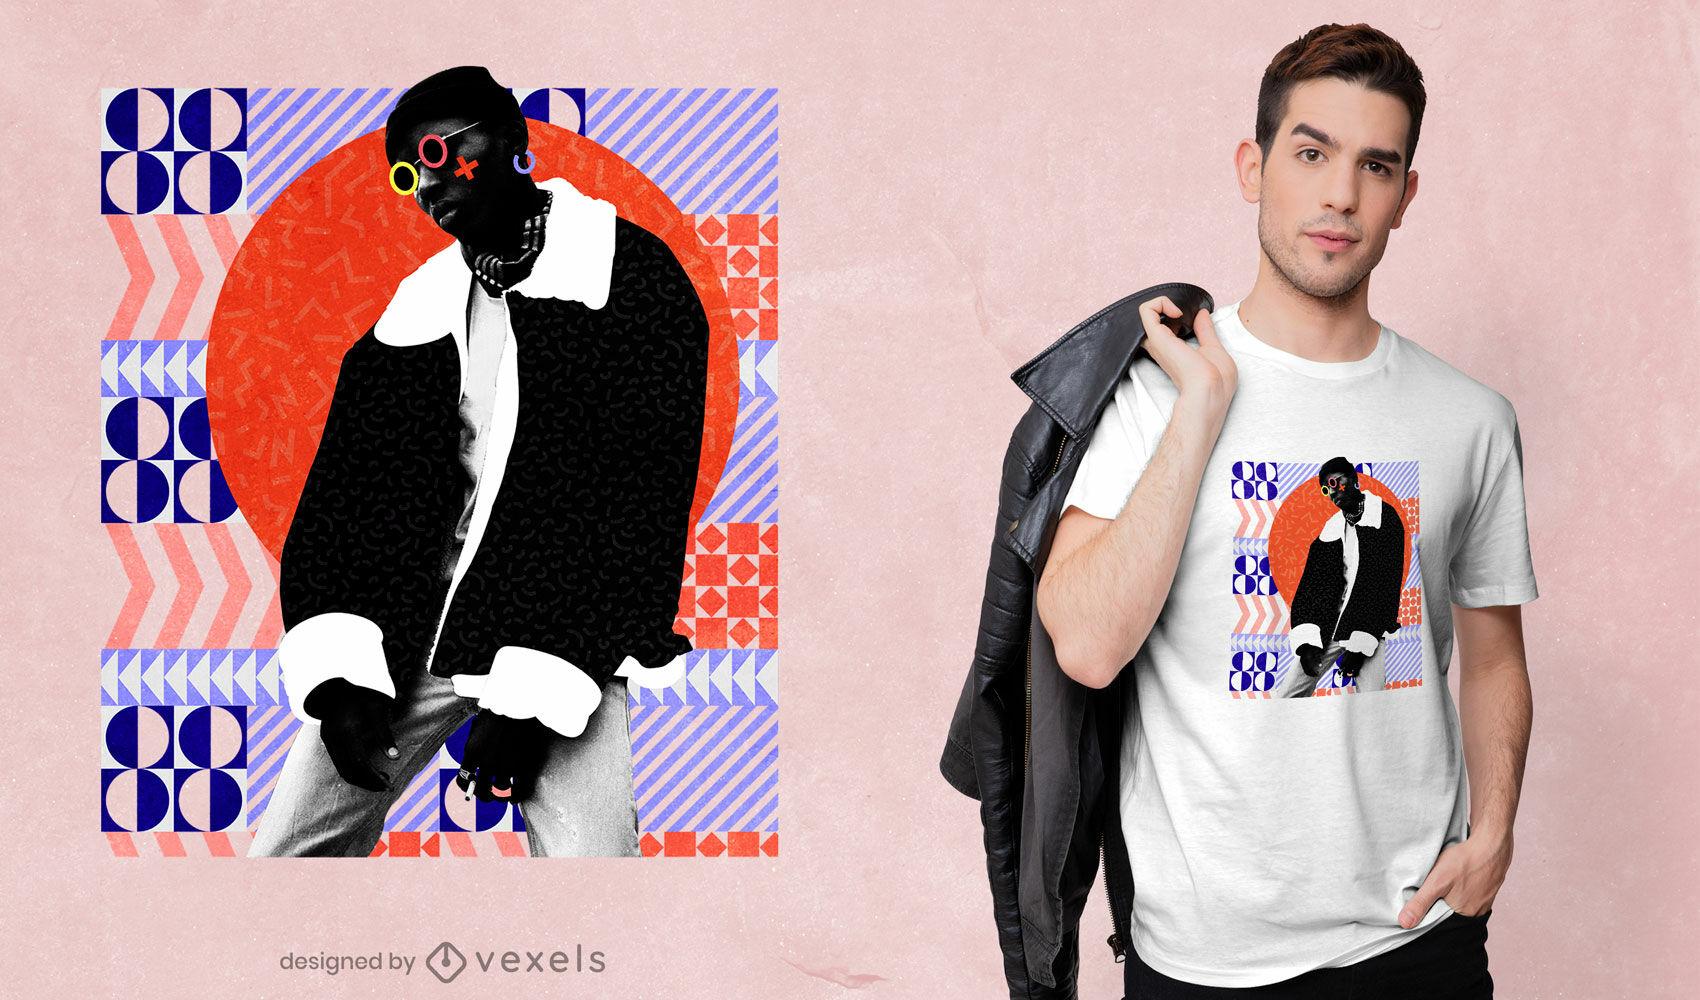 Hombre en diseño de camiseta de círculo de formas geométricas psd